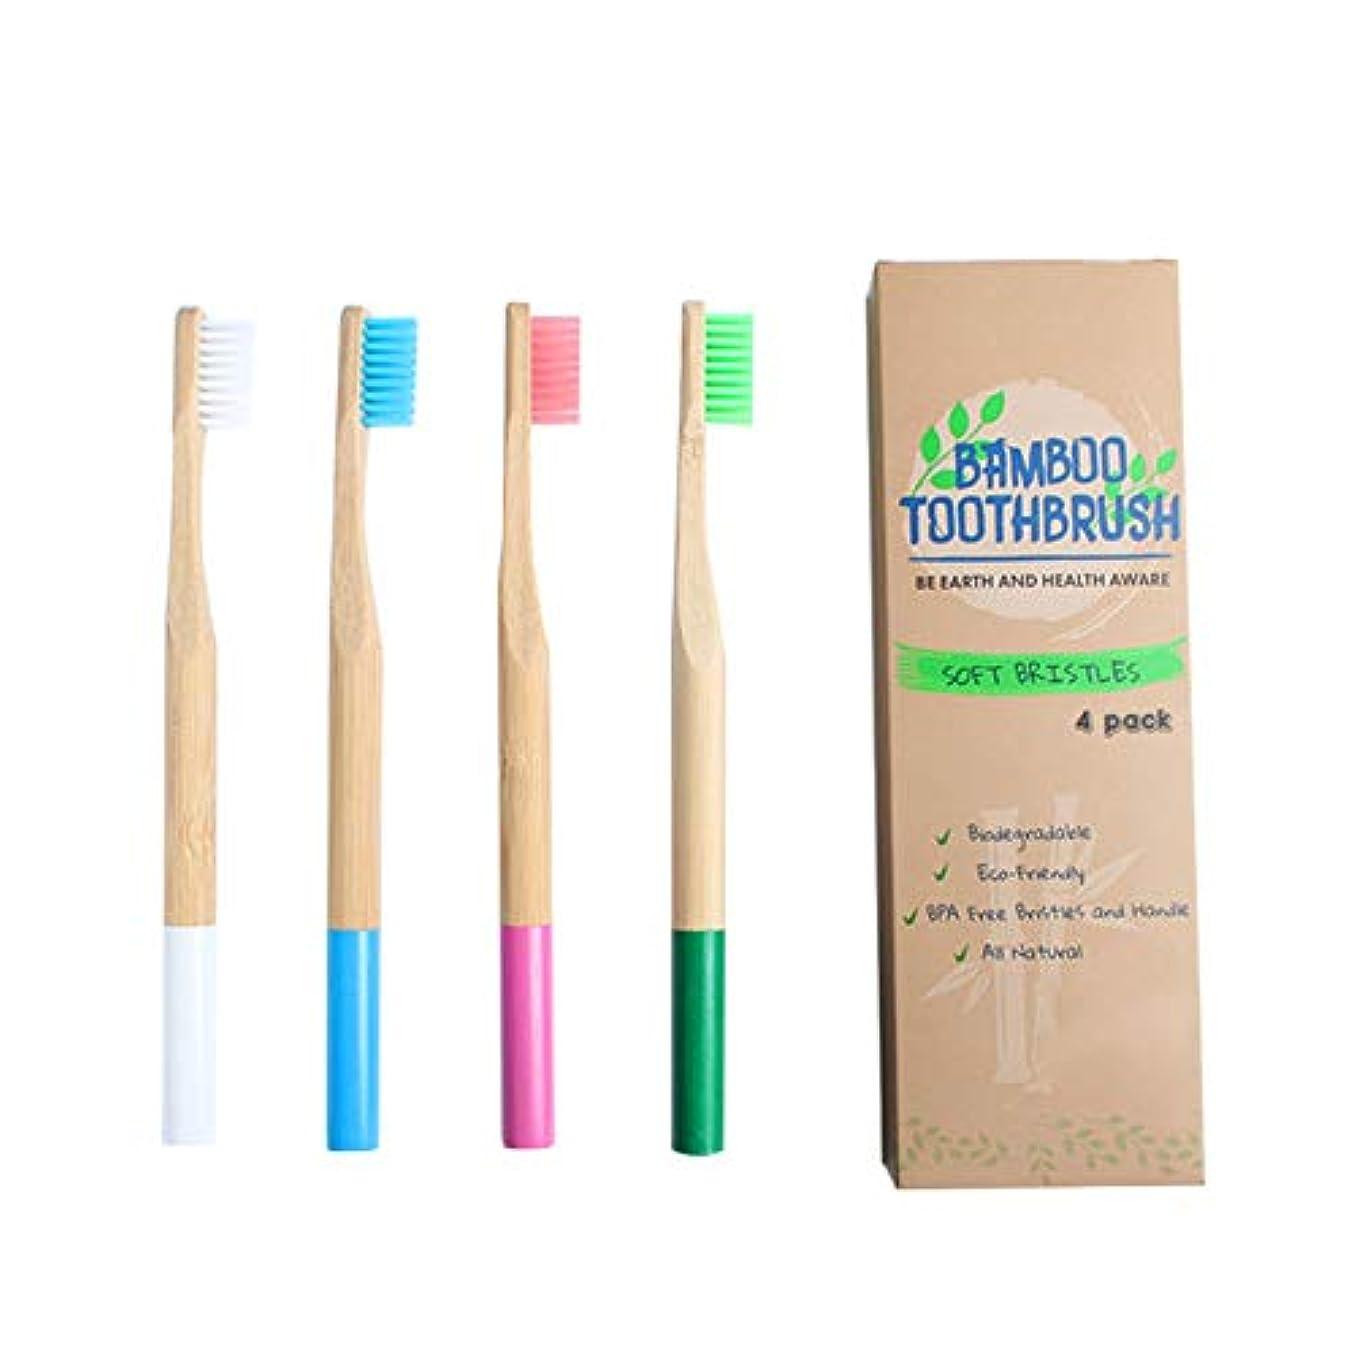 どこディンカルビル邪魔高品質竹歯ブラシ色い色4スティック自然環境柔らかい毛皮 ラウンド木製ハンドルペイント手動歯ブラシ